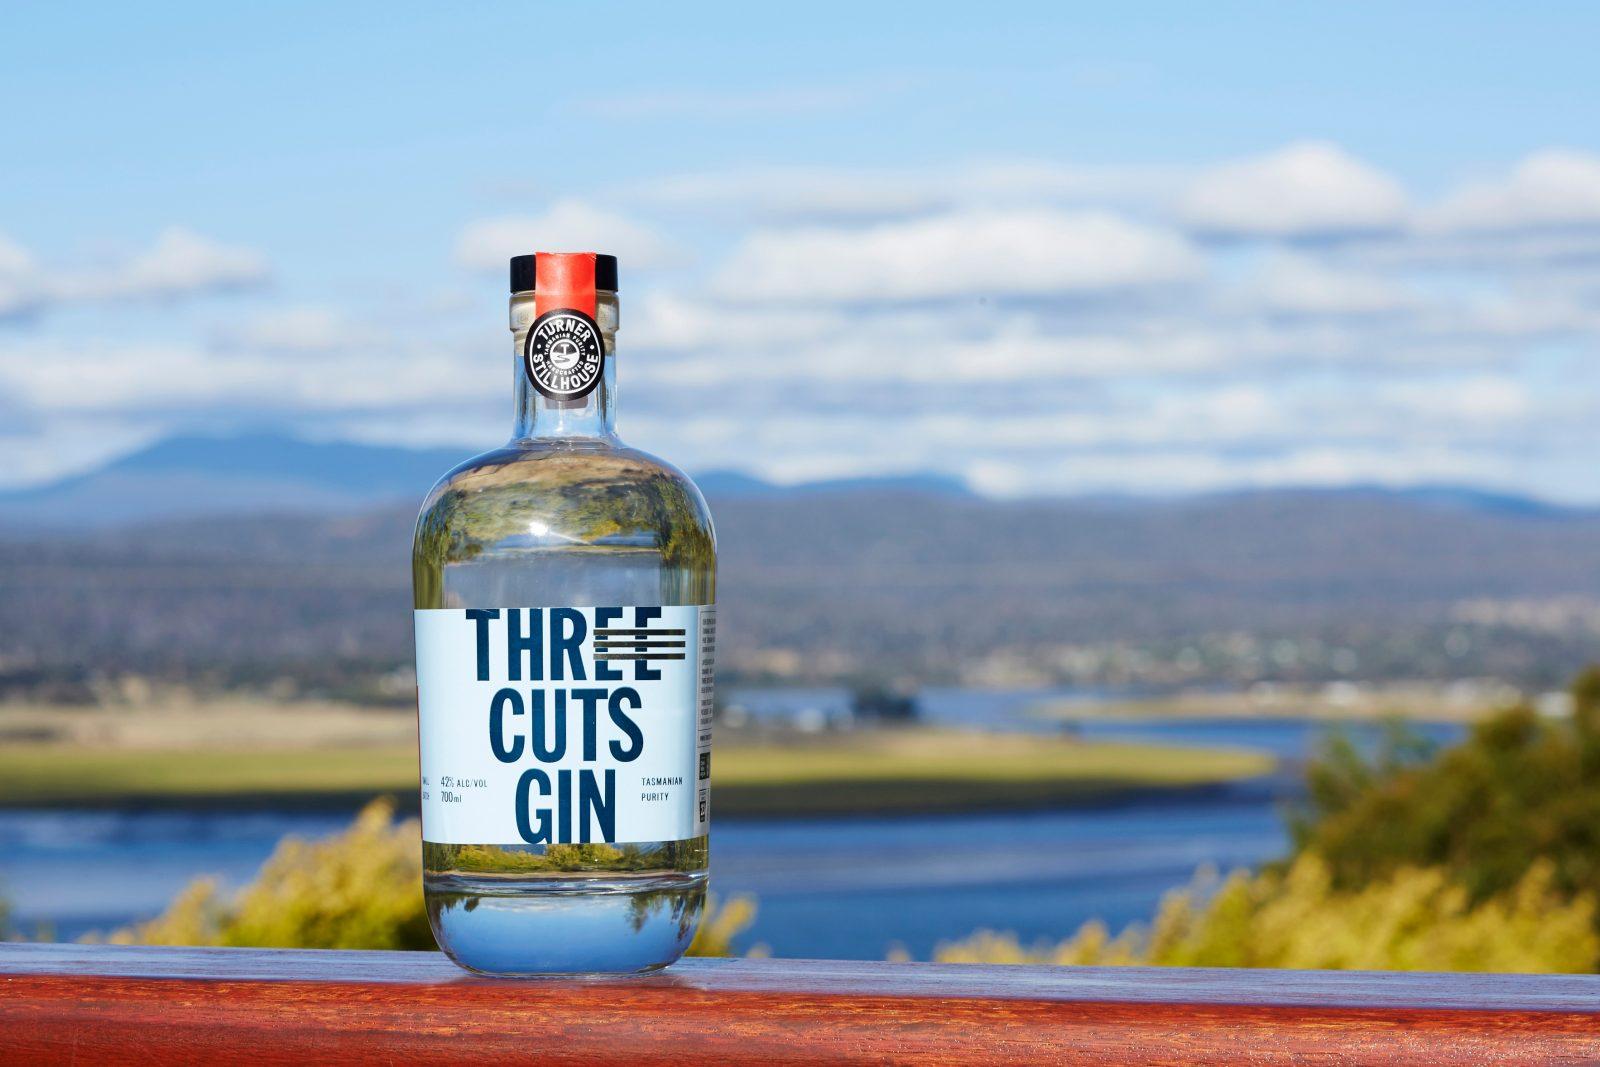 Turner Stillhouse Three Cuts Gin